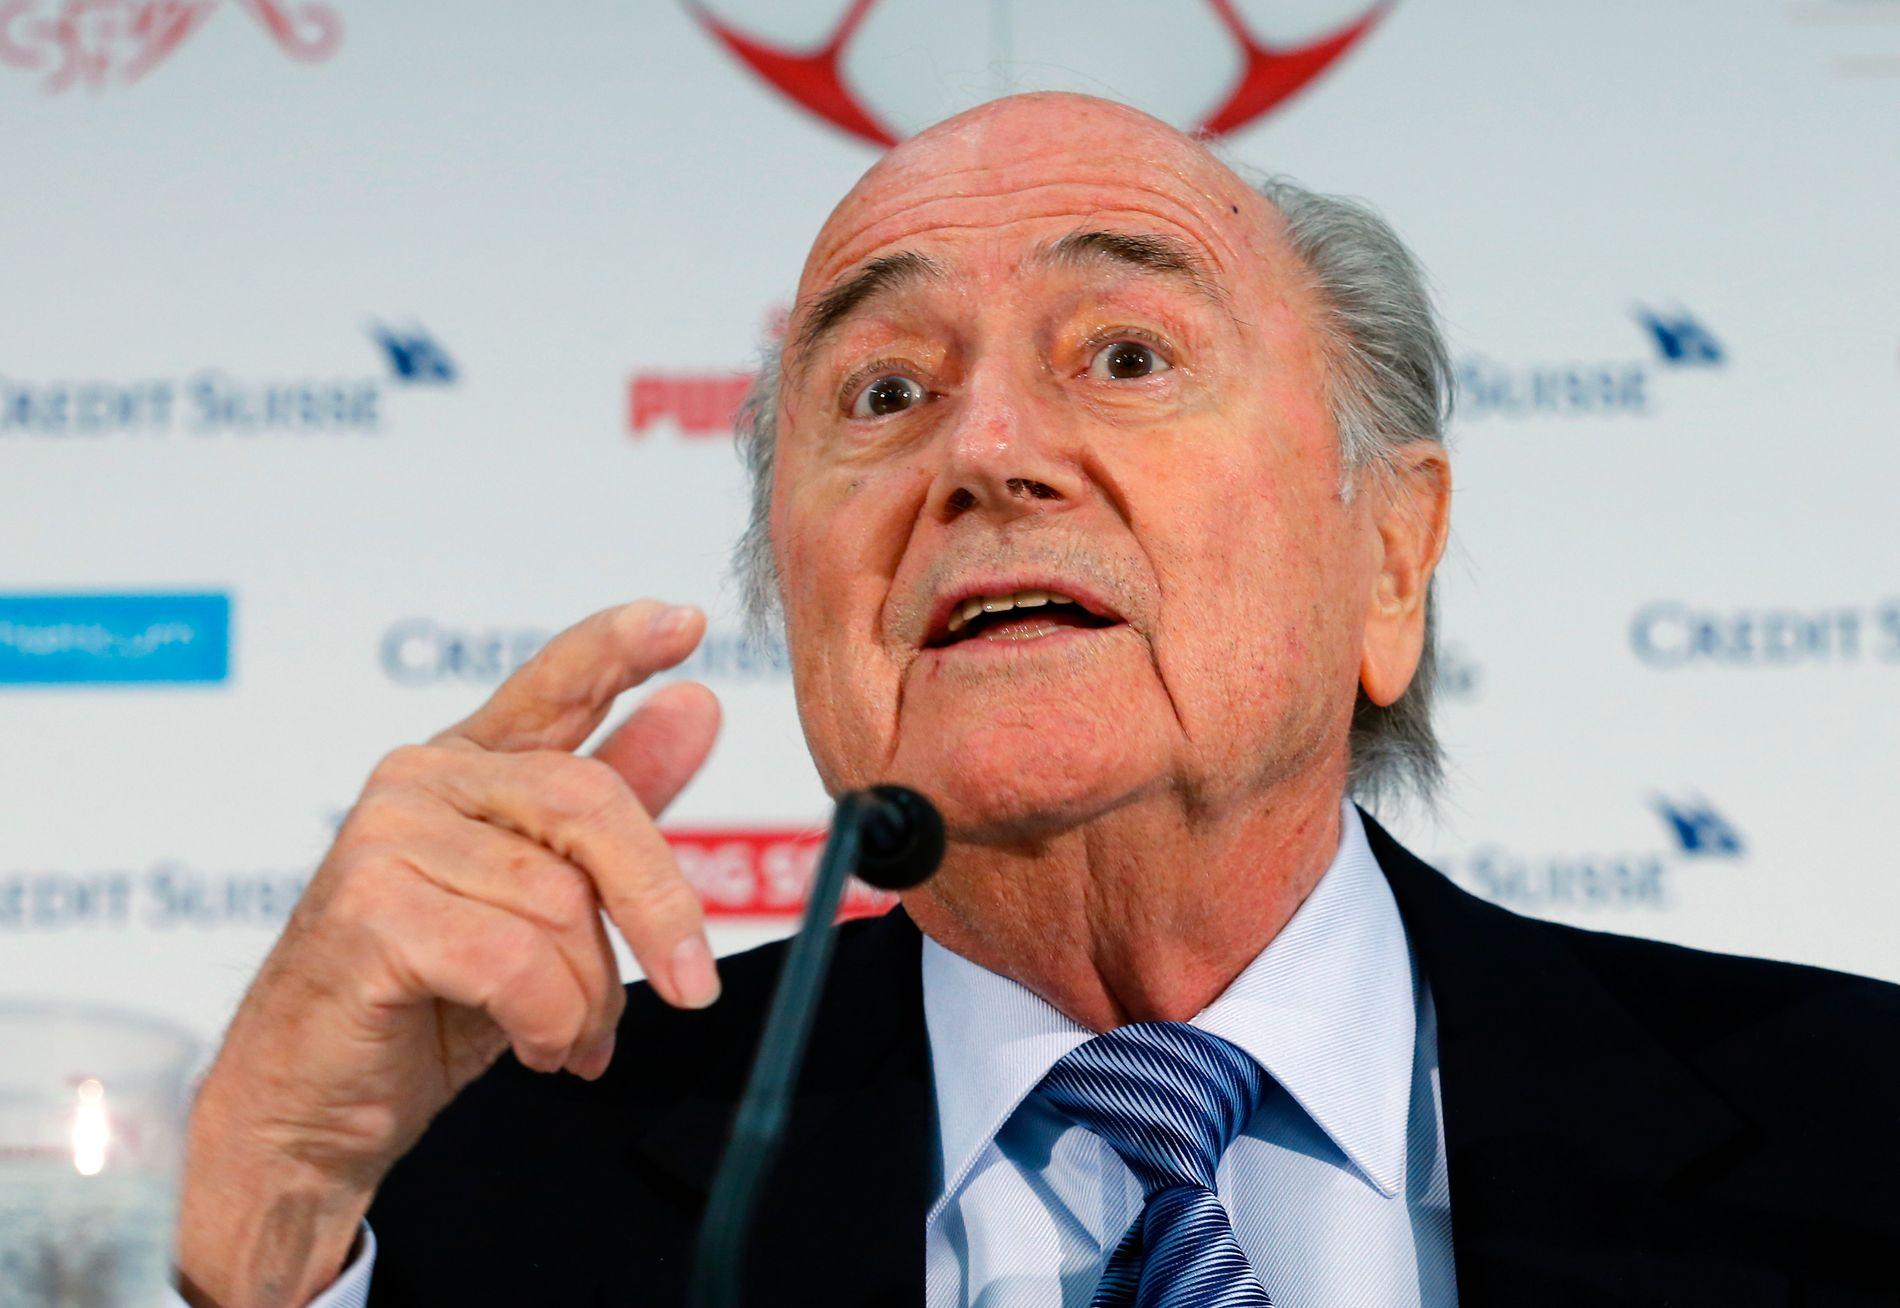 Sepp Blatters utspill om kvinnefotball provoserte.